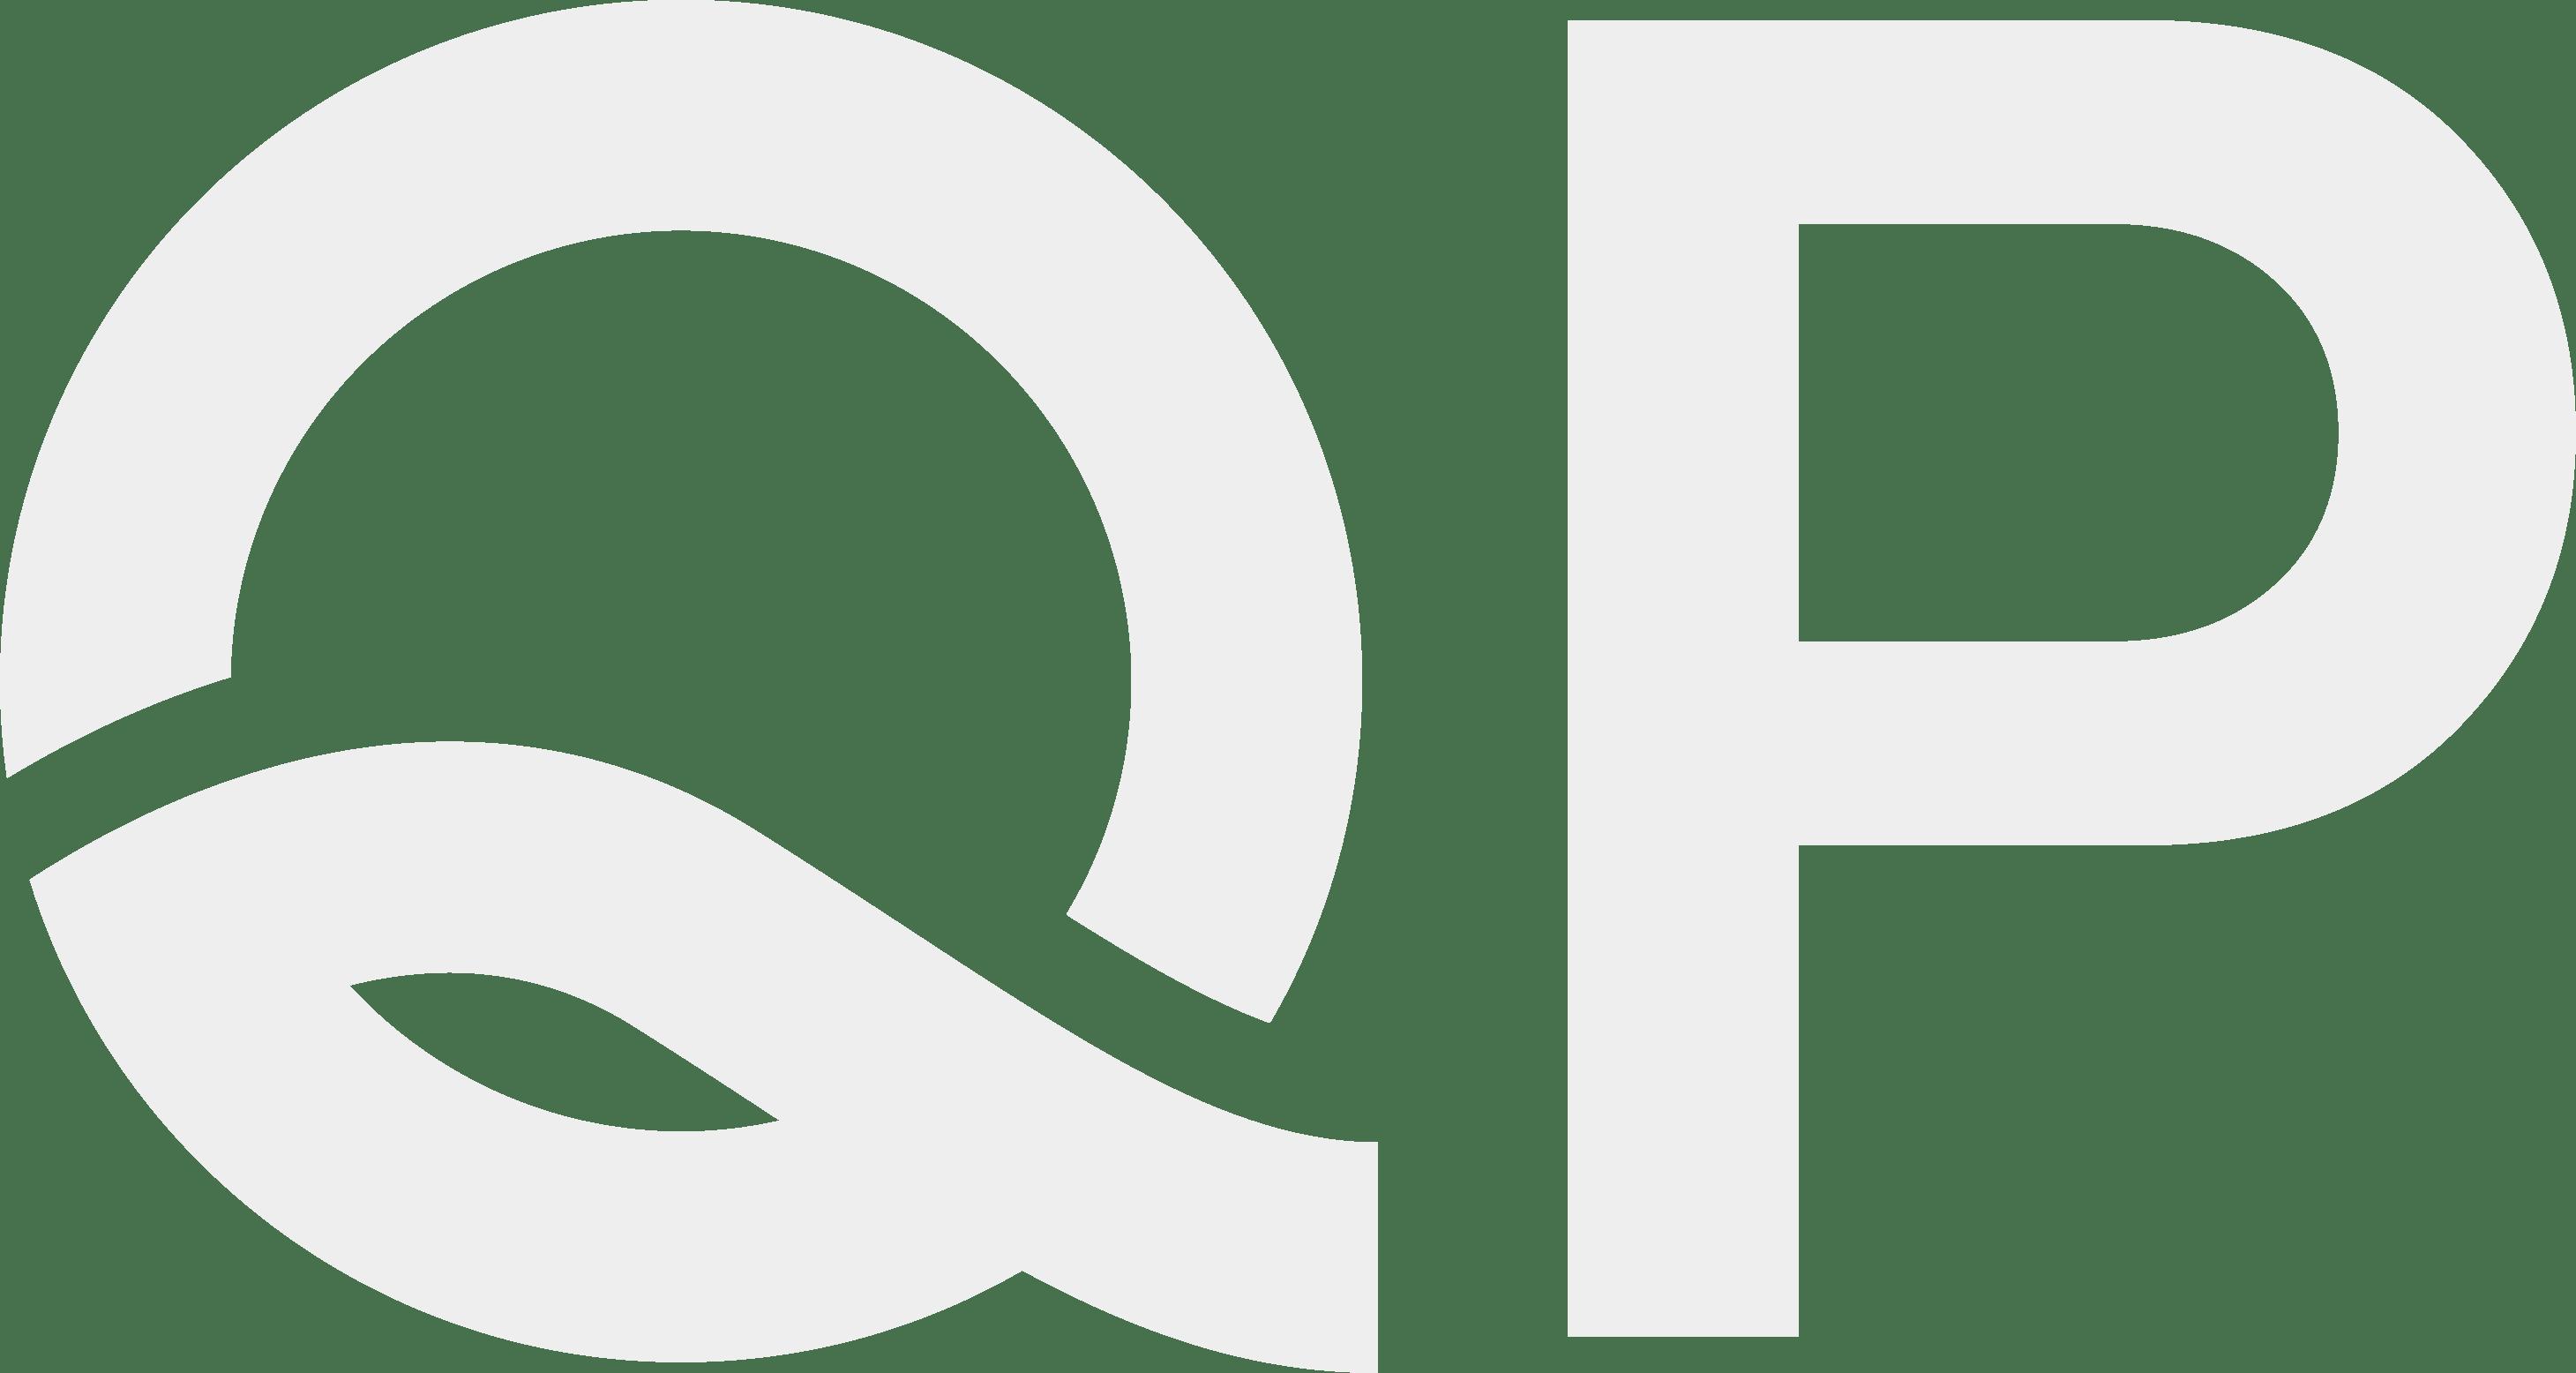 КГ QP